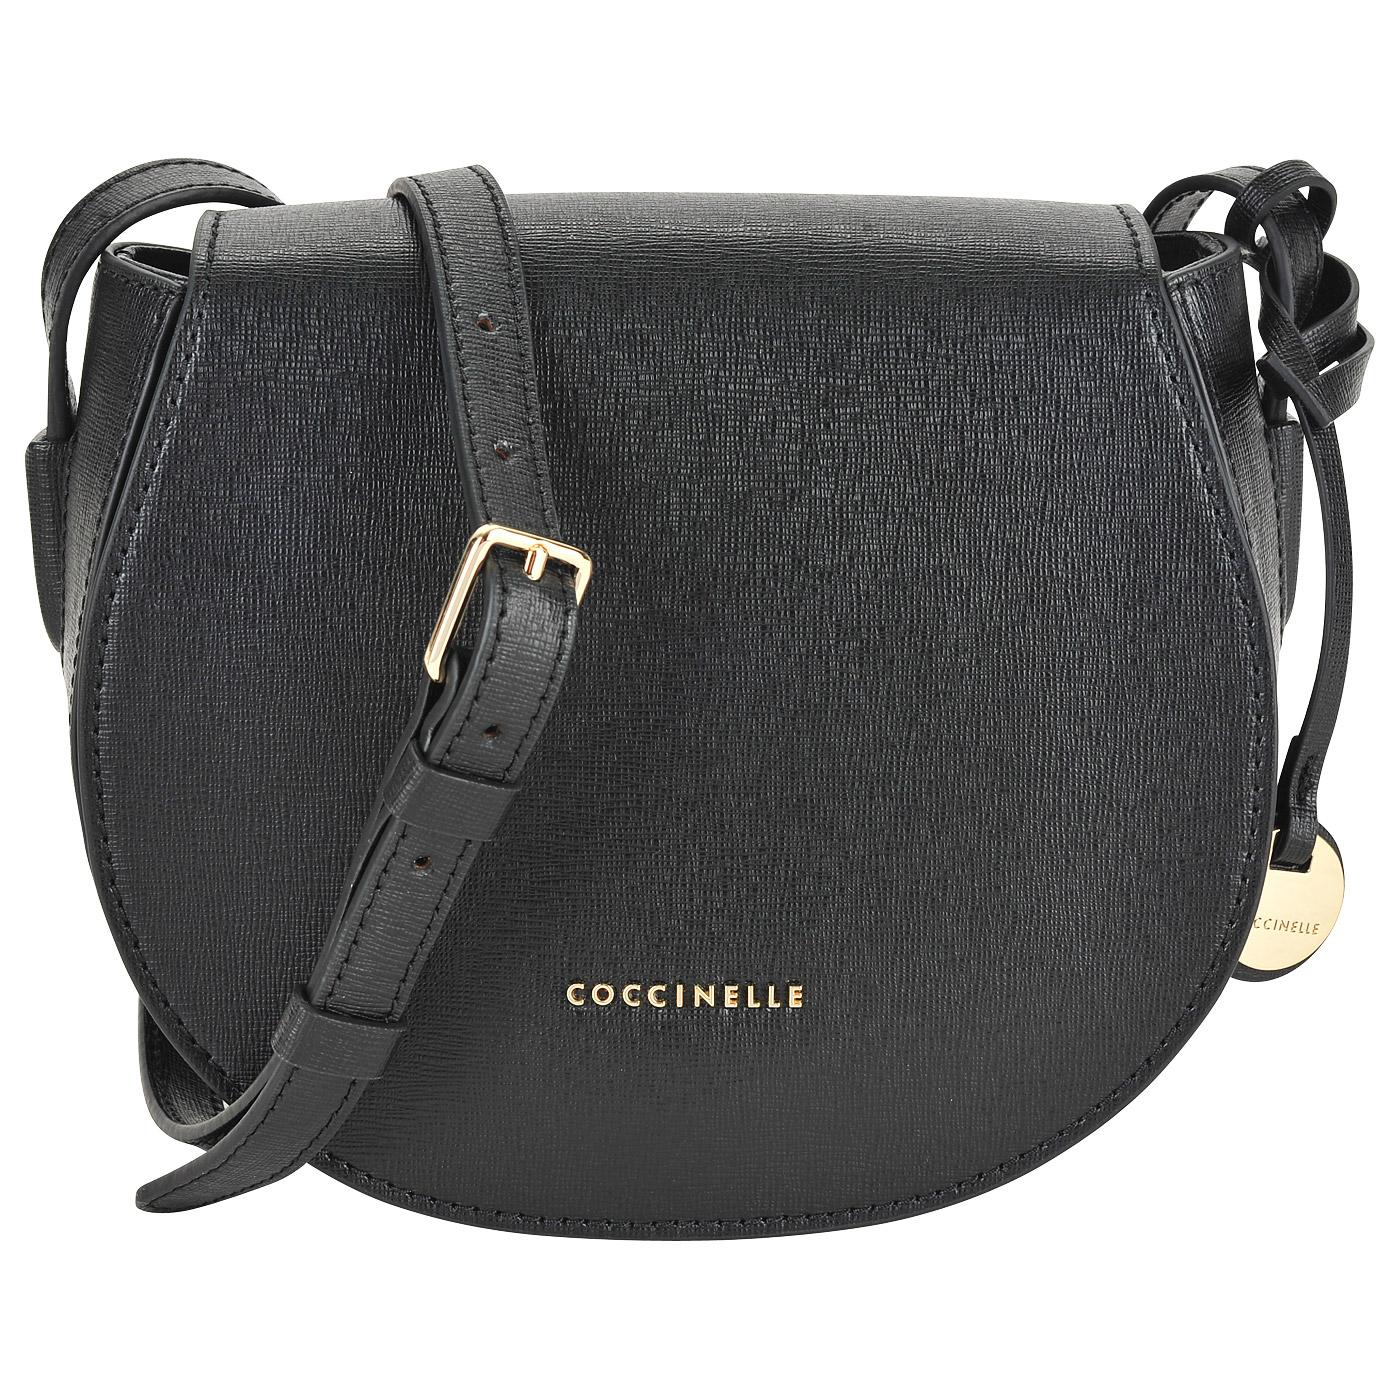 05dce880425a Маленькая сумка из сафьяновой кожи Coccinelle Clementine AF5 15 02 ...